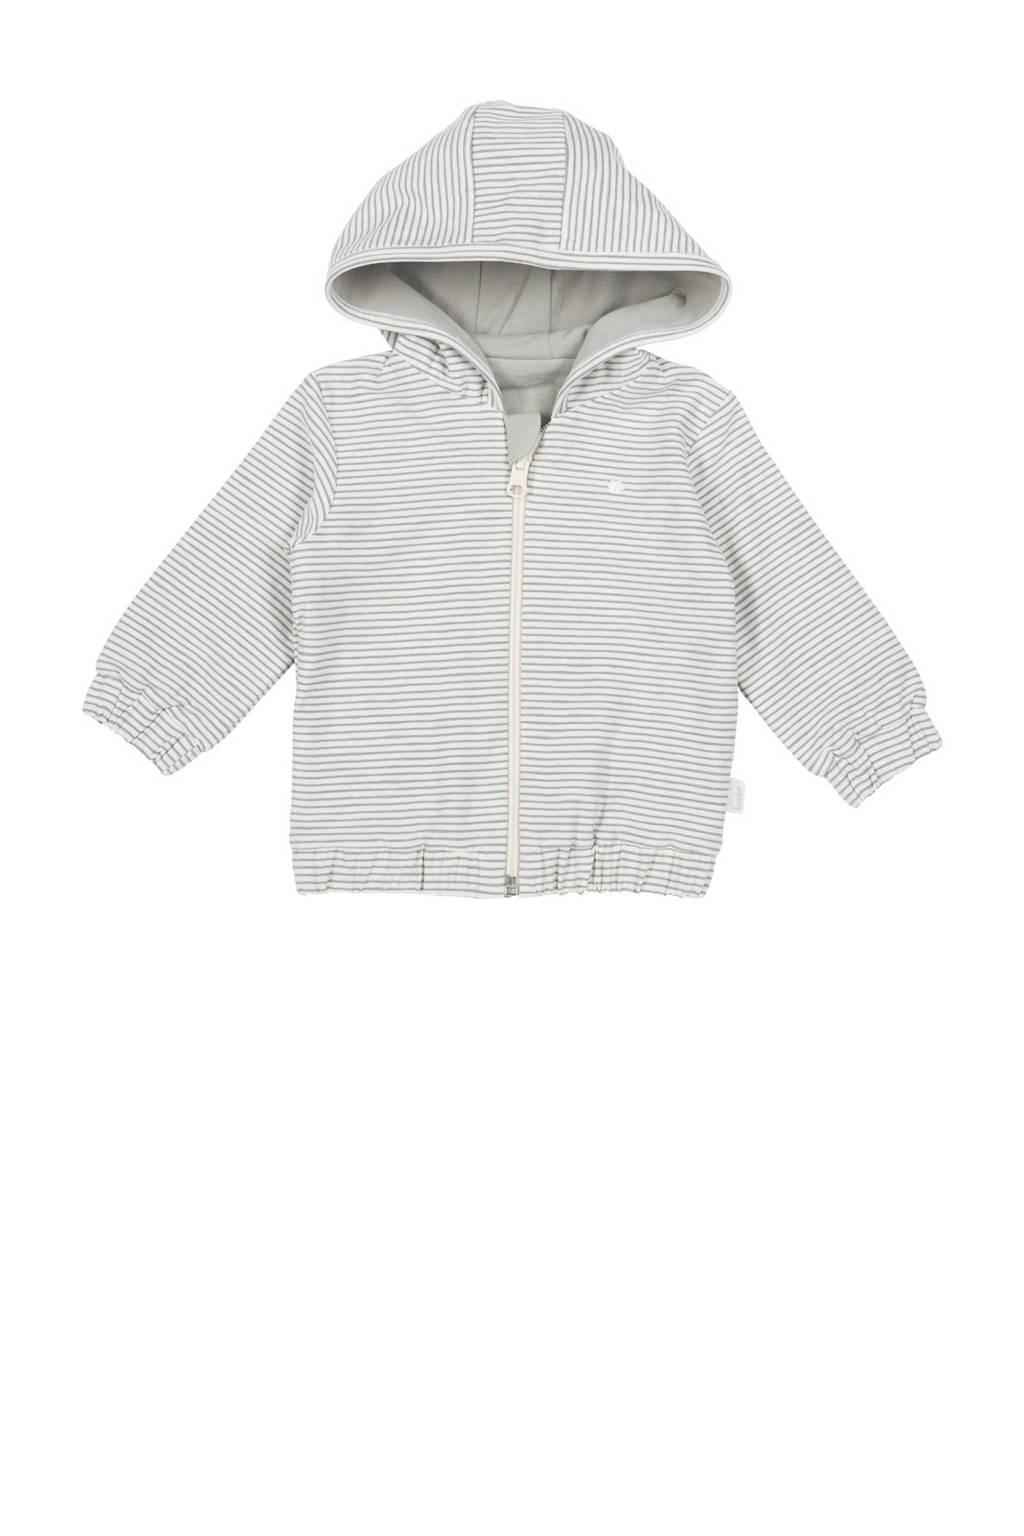 Koeka newborn baby gestreept vest Linescape wit, Wit/grijs